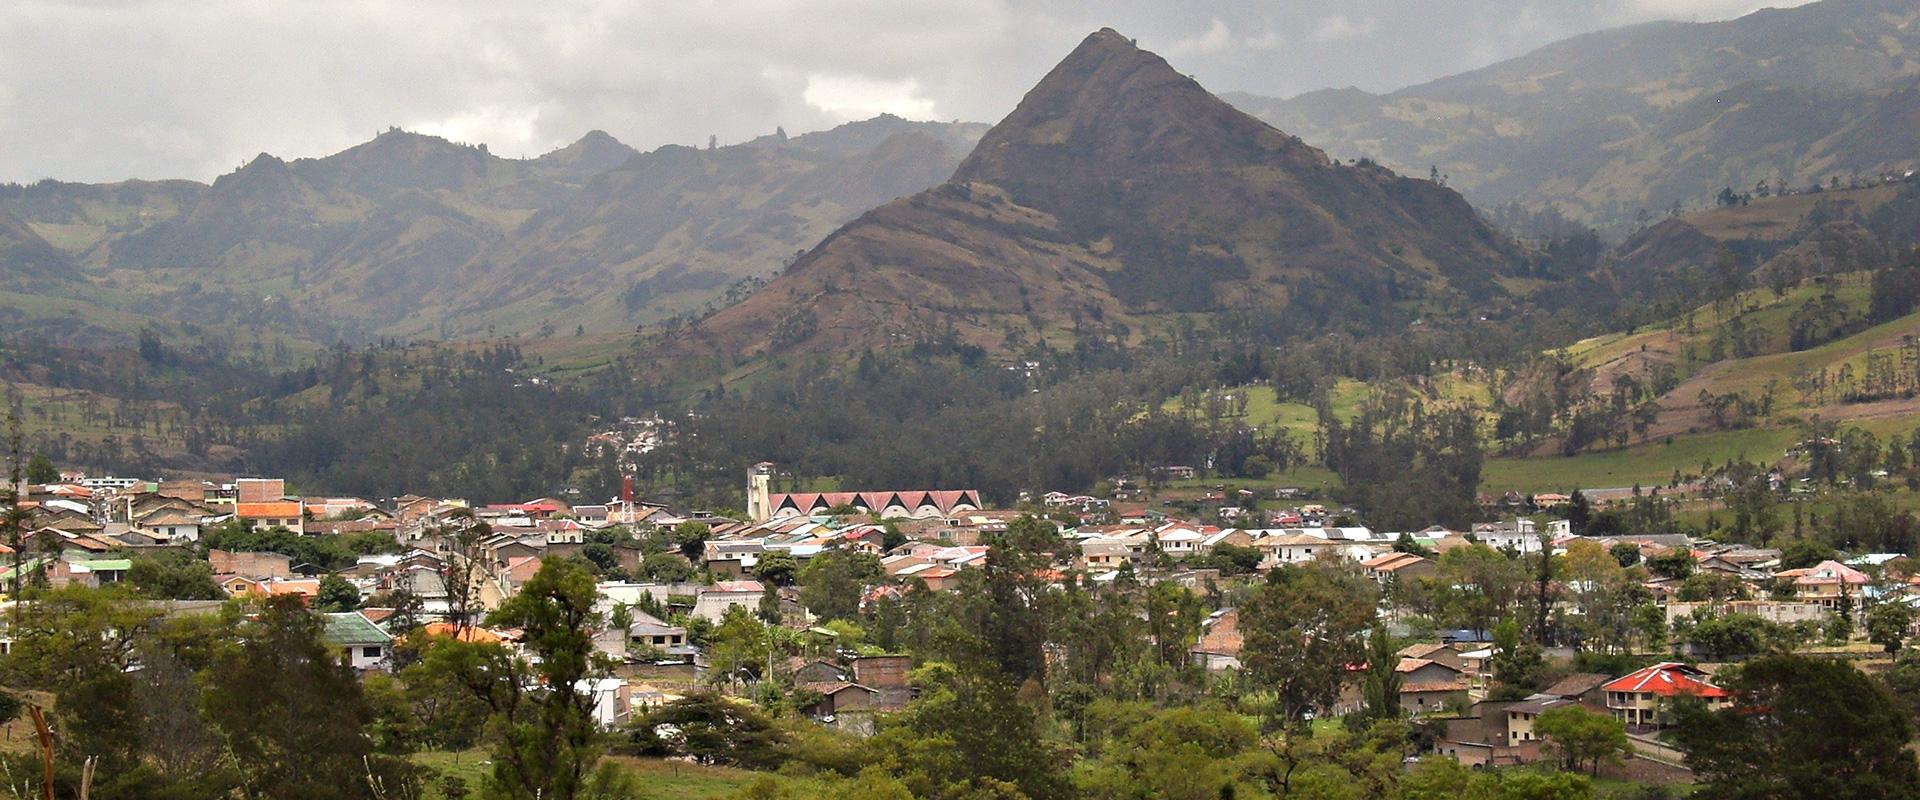 Giron Ecuador Tour